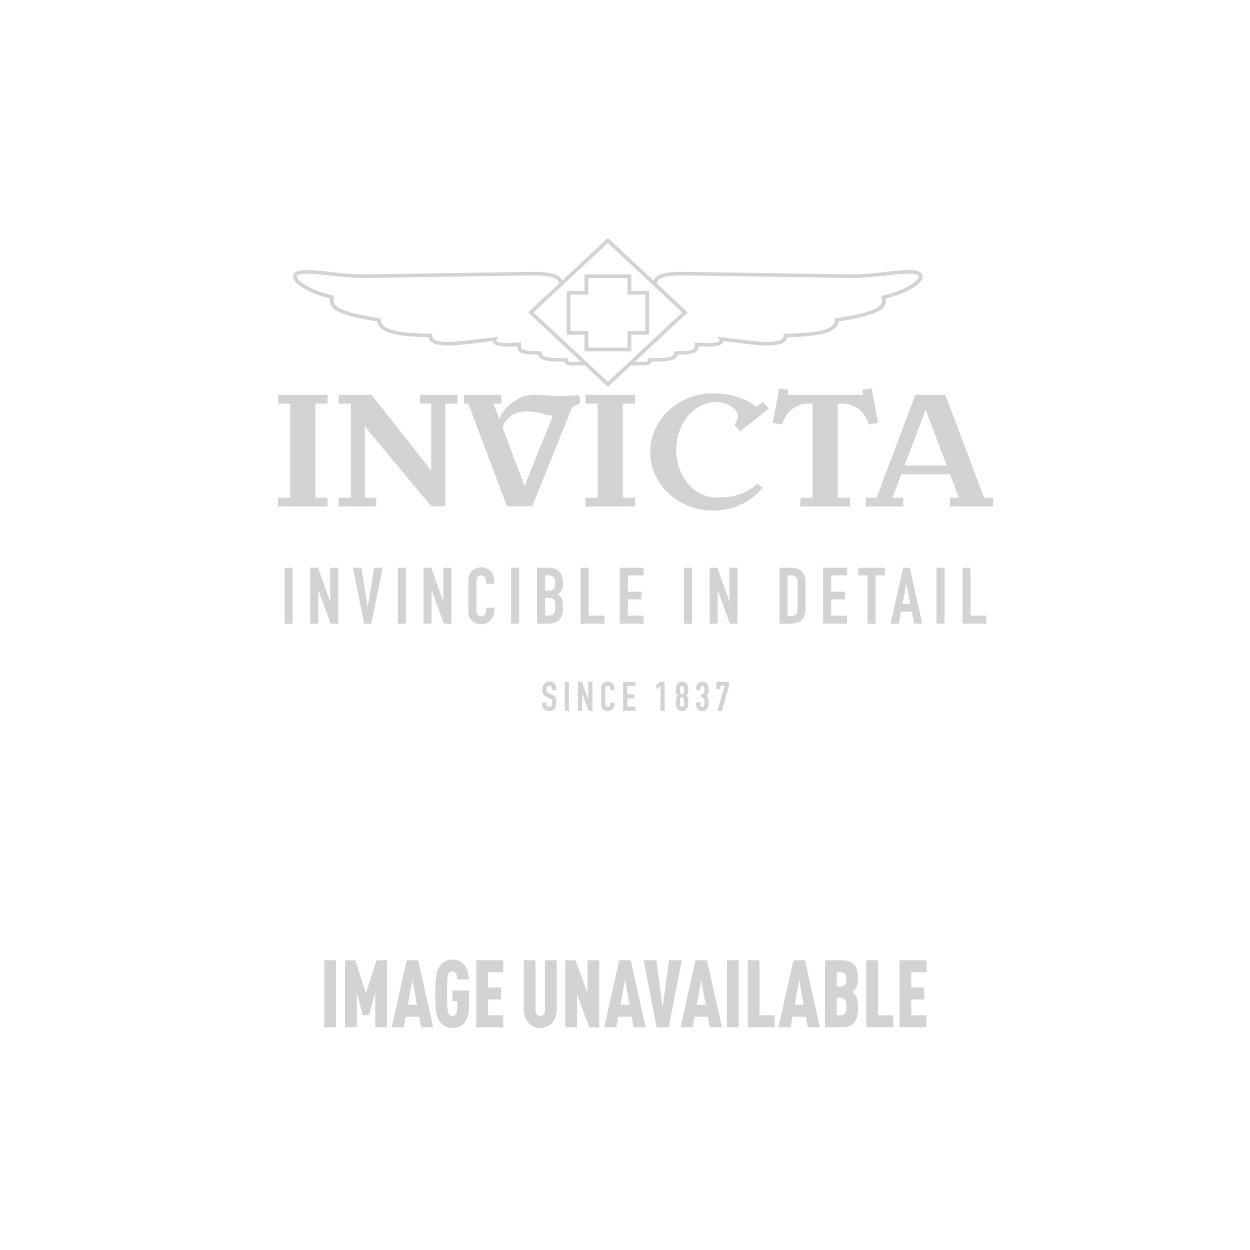 Invicta Model 28368